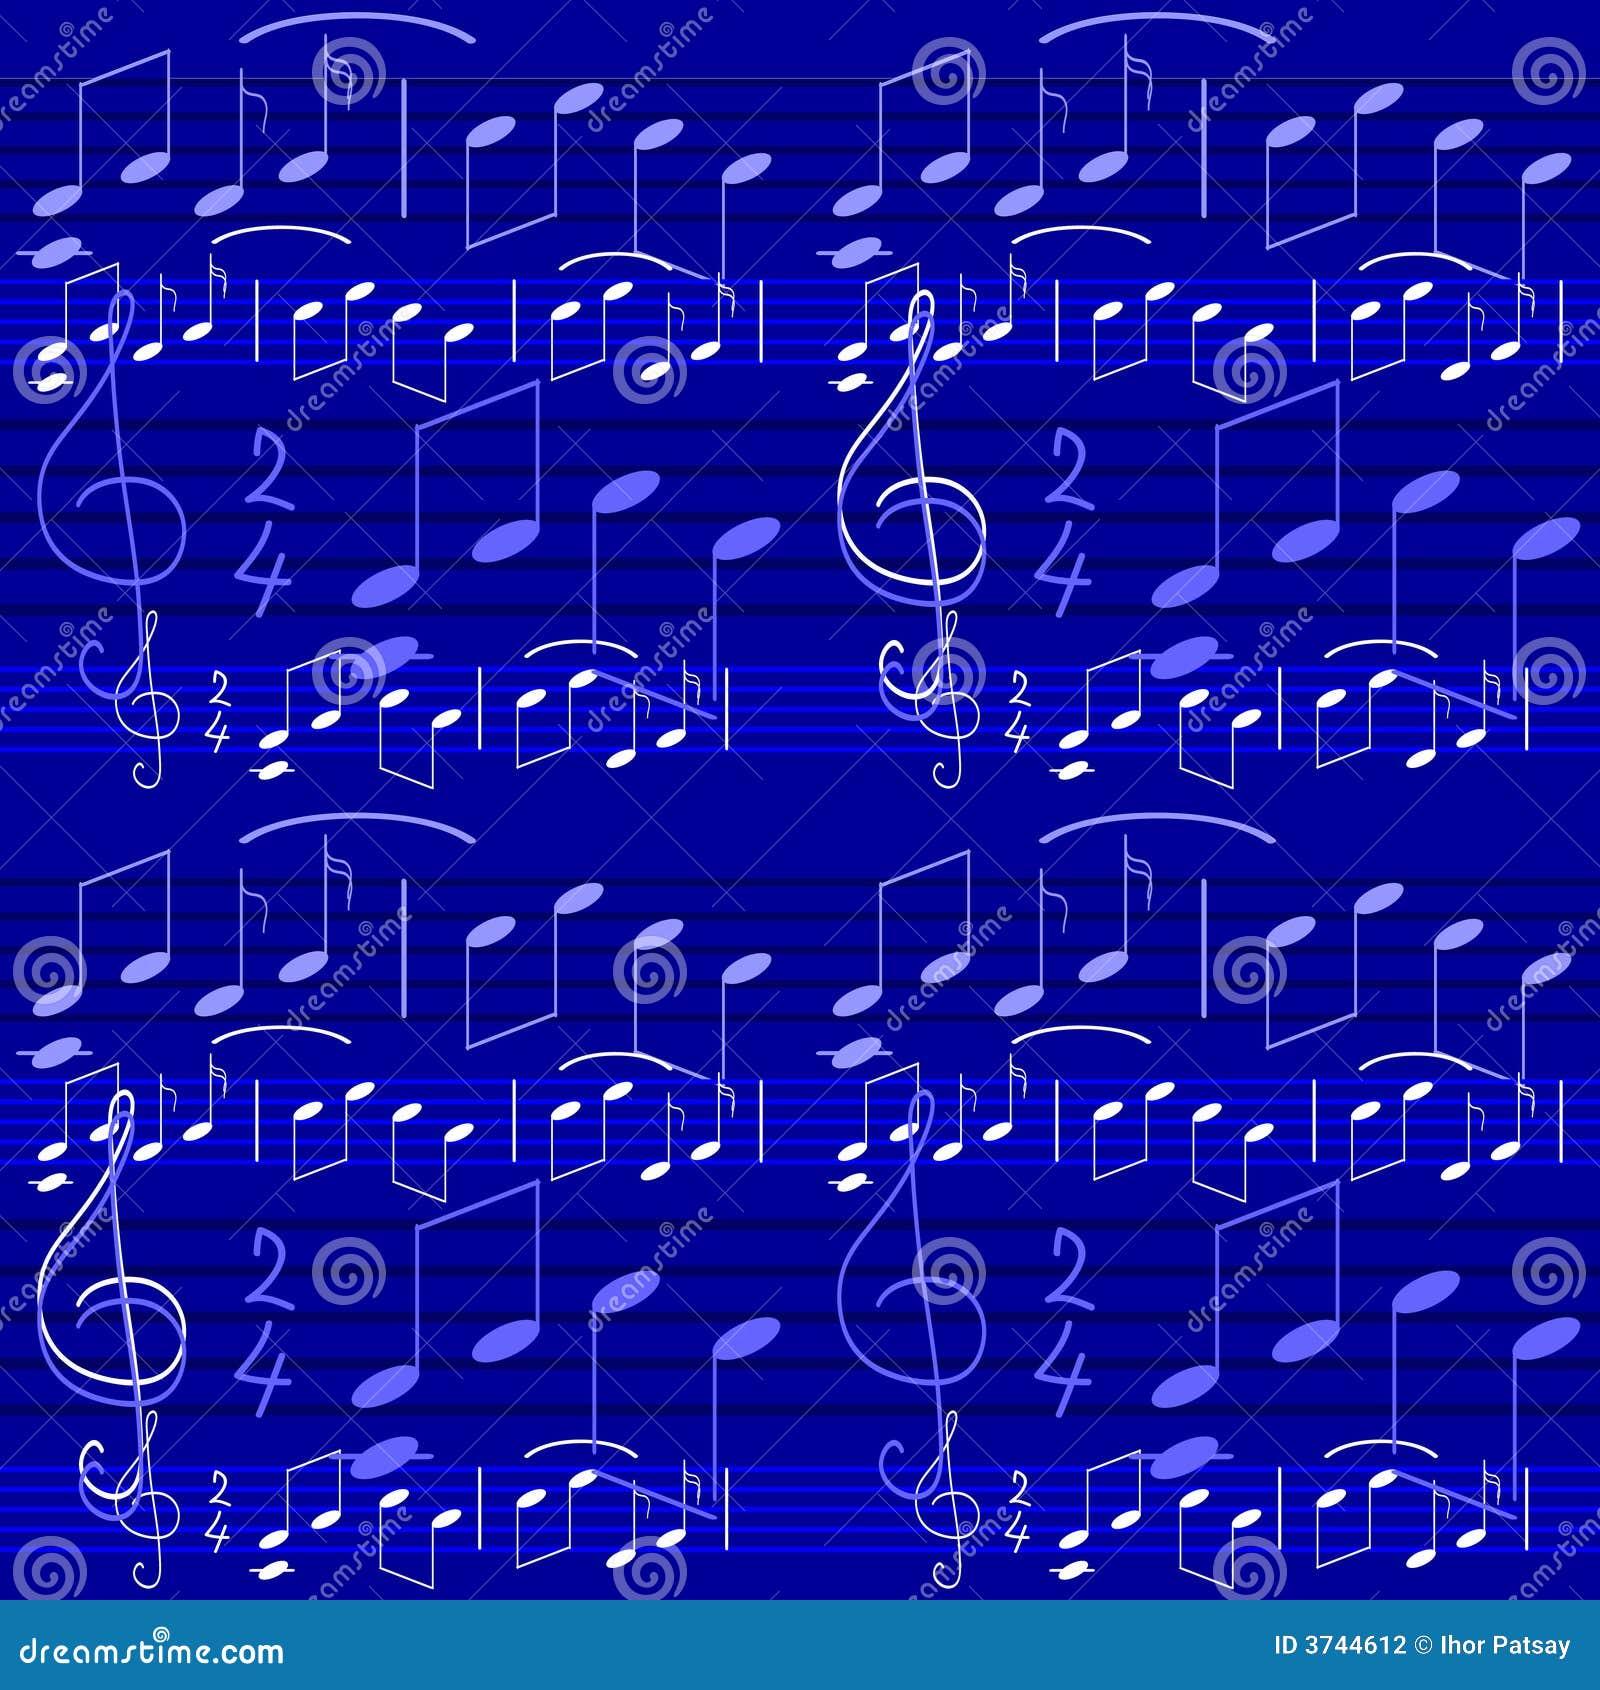 Più immagini stock simili di ` Carte da parati della nota di musica `